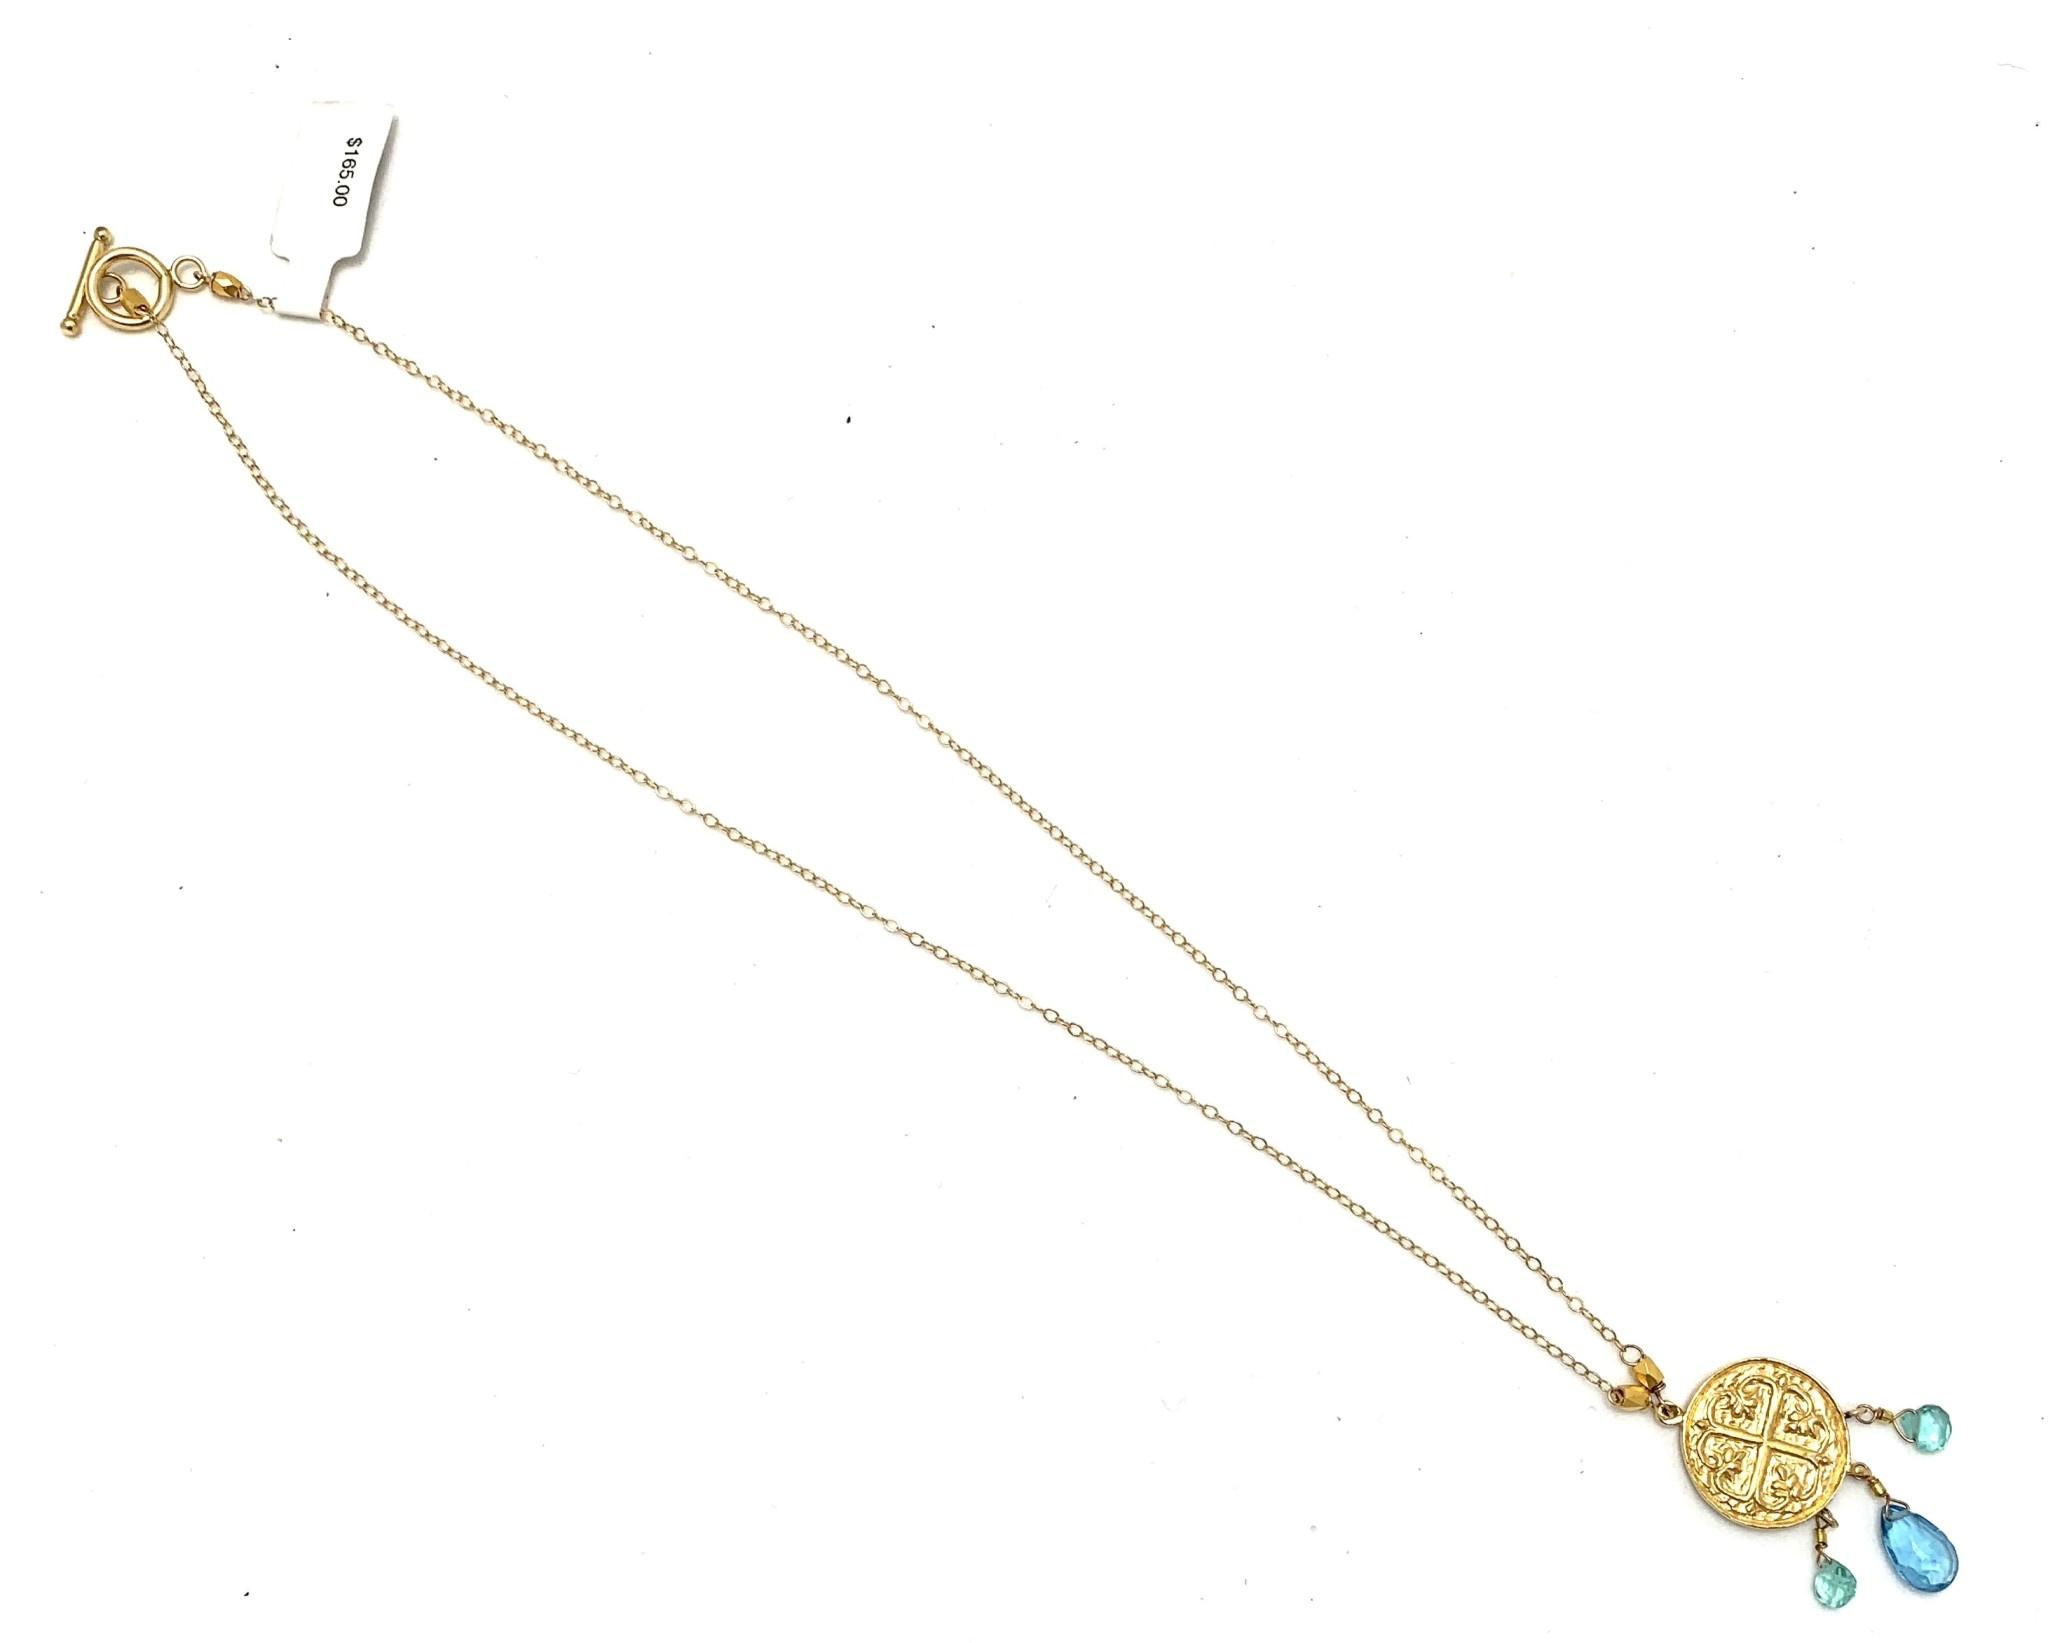 Byzantine Cross Necklace Triple Stone Apatite